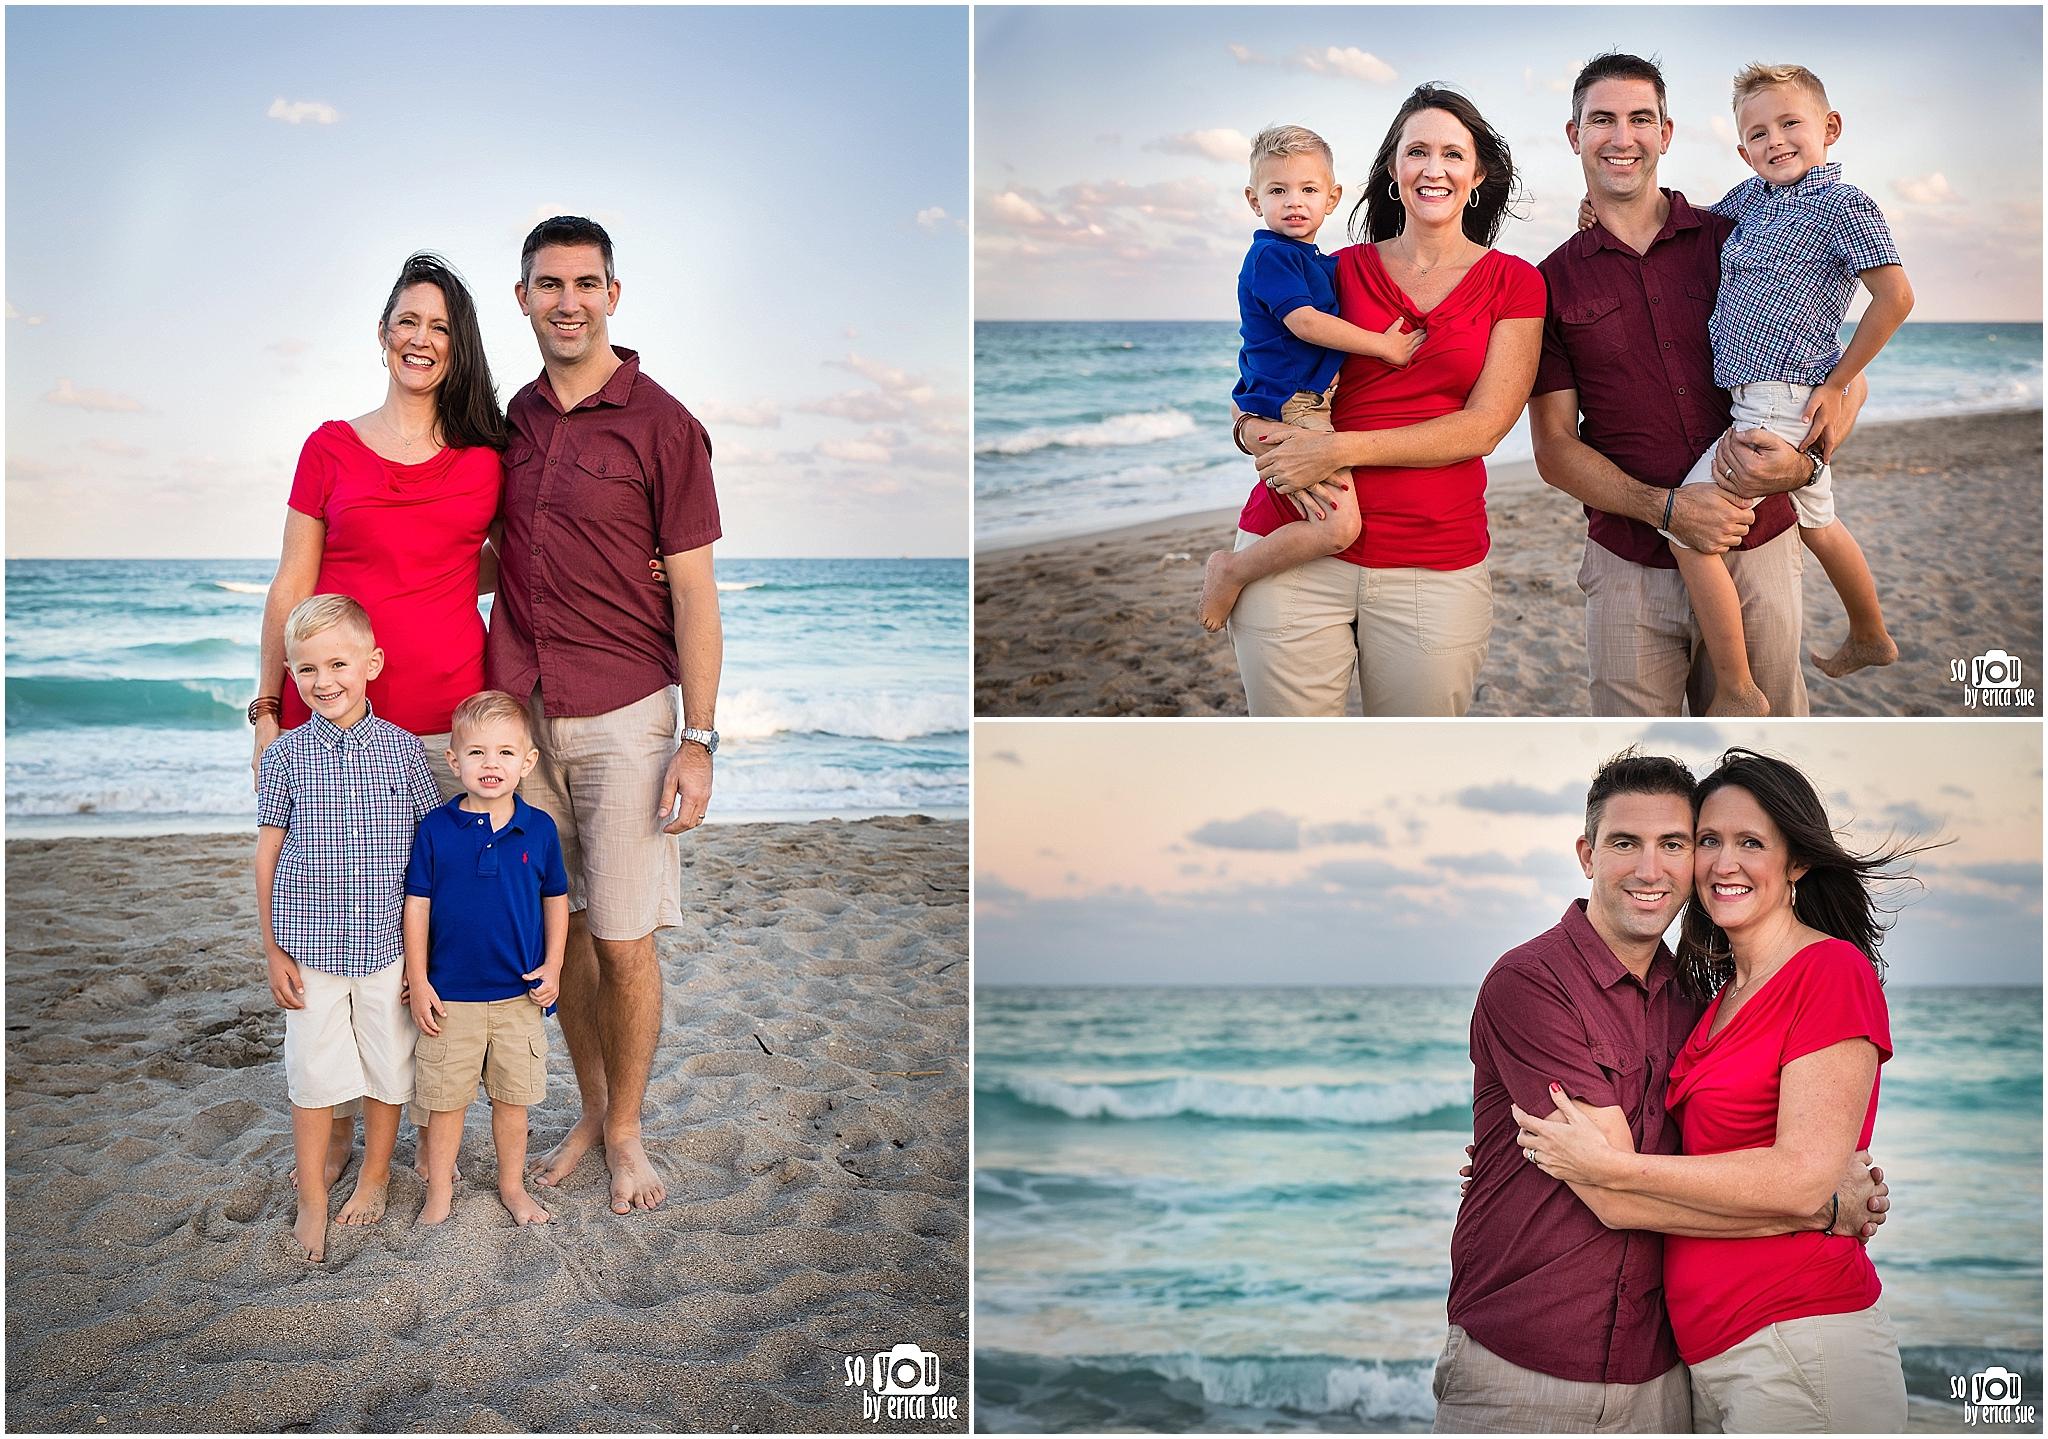 hollywood-beach-lifestyle-family-photography- (2).jpg